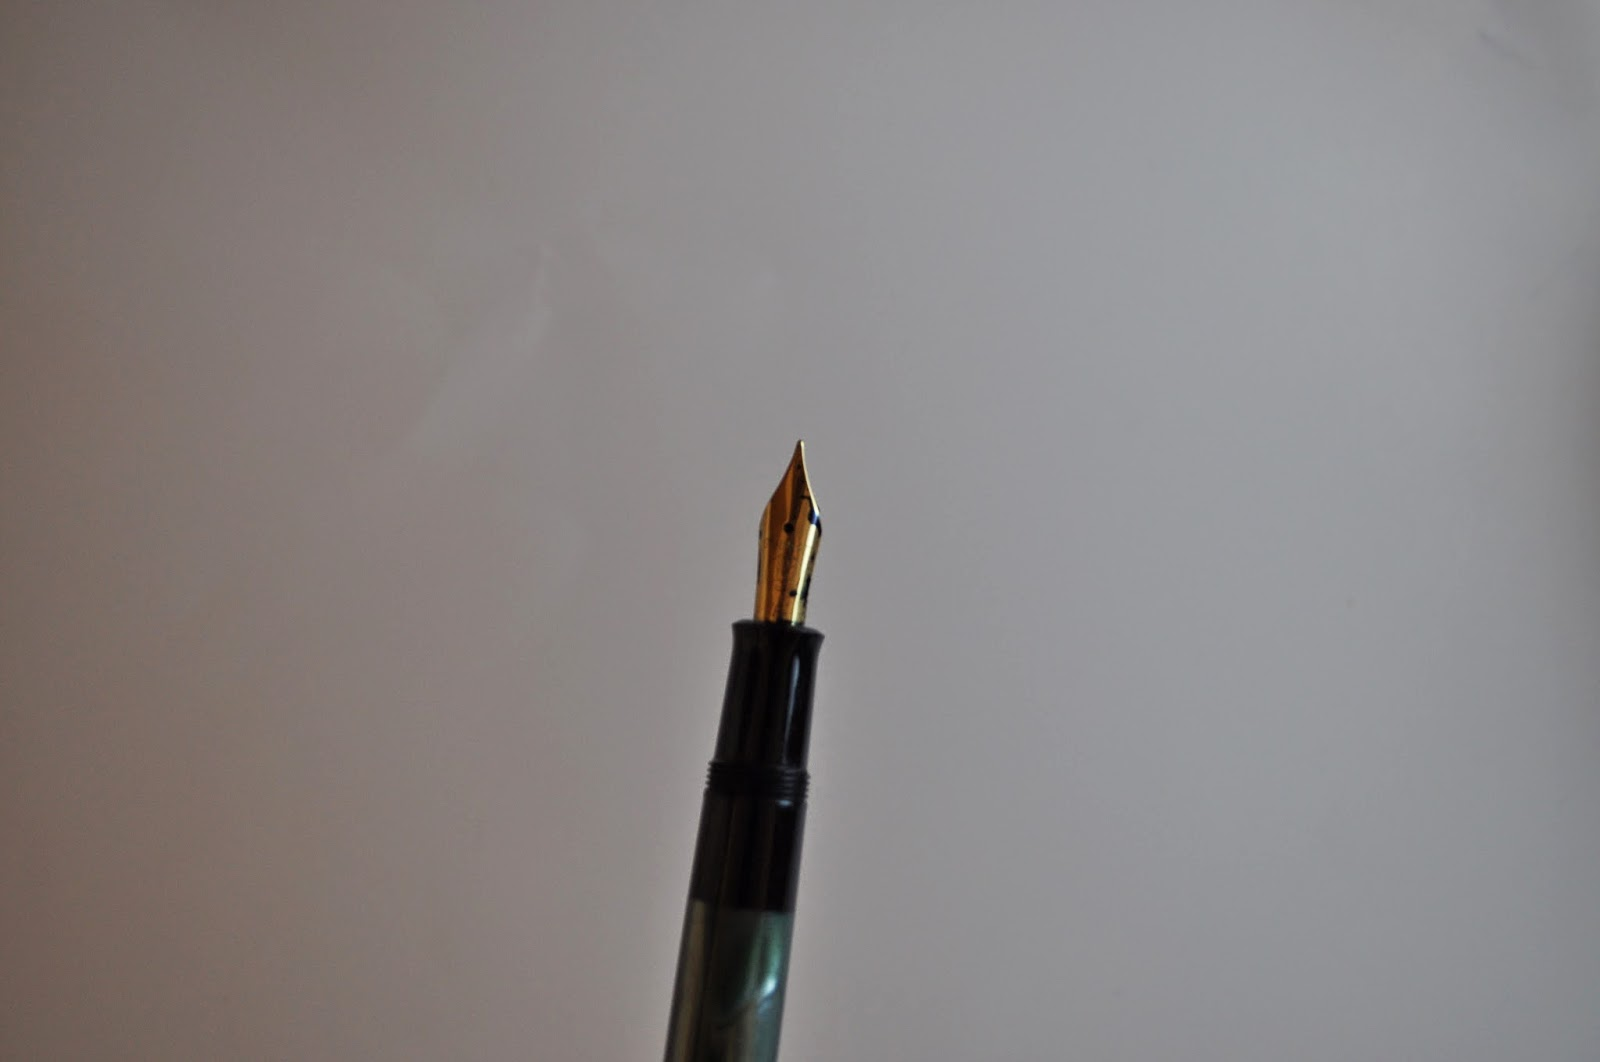 Pelikan M200 Nib